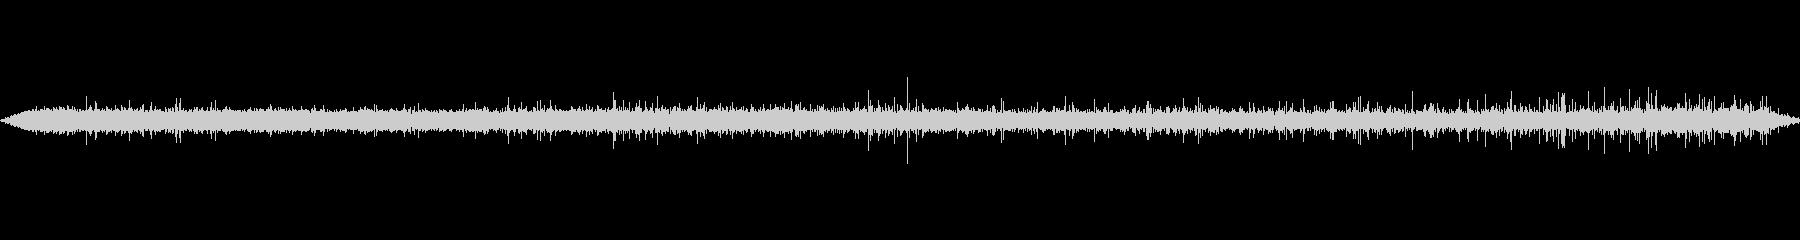 リバーフロースモールの未再生の波形